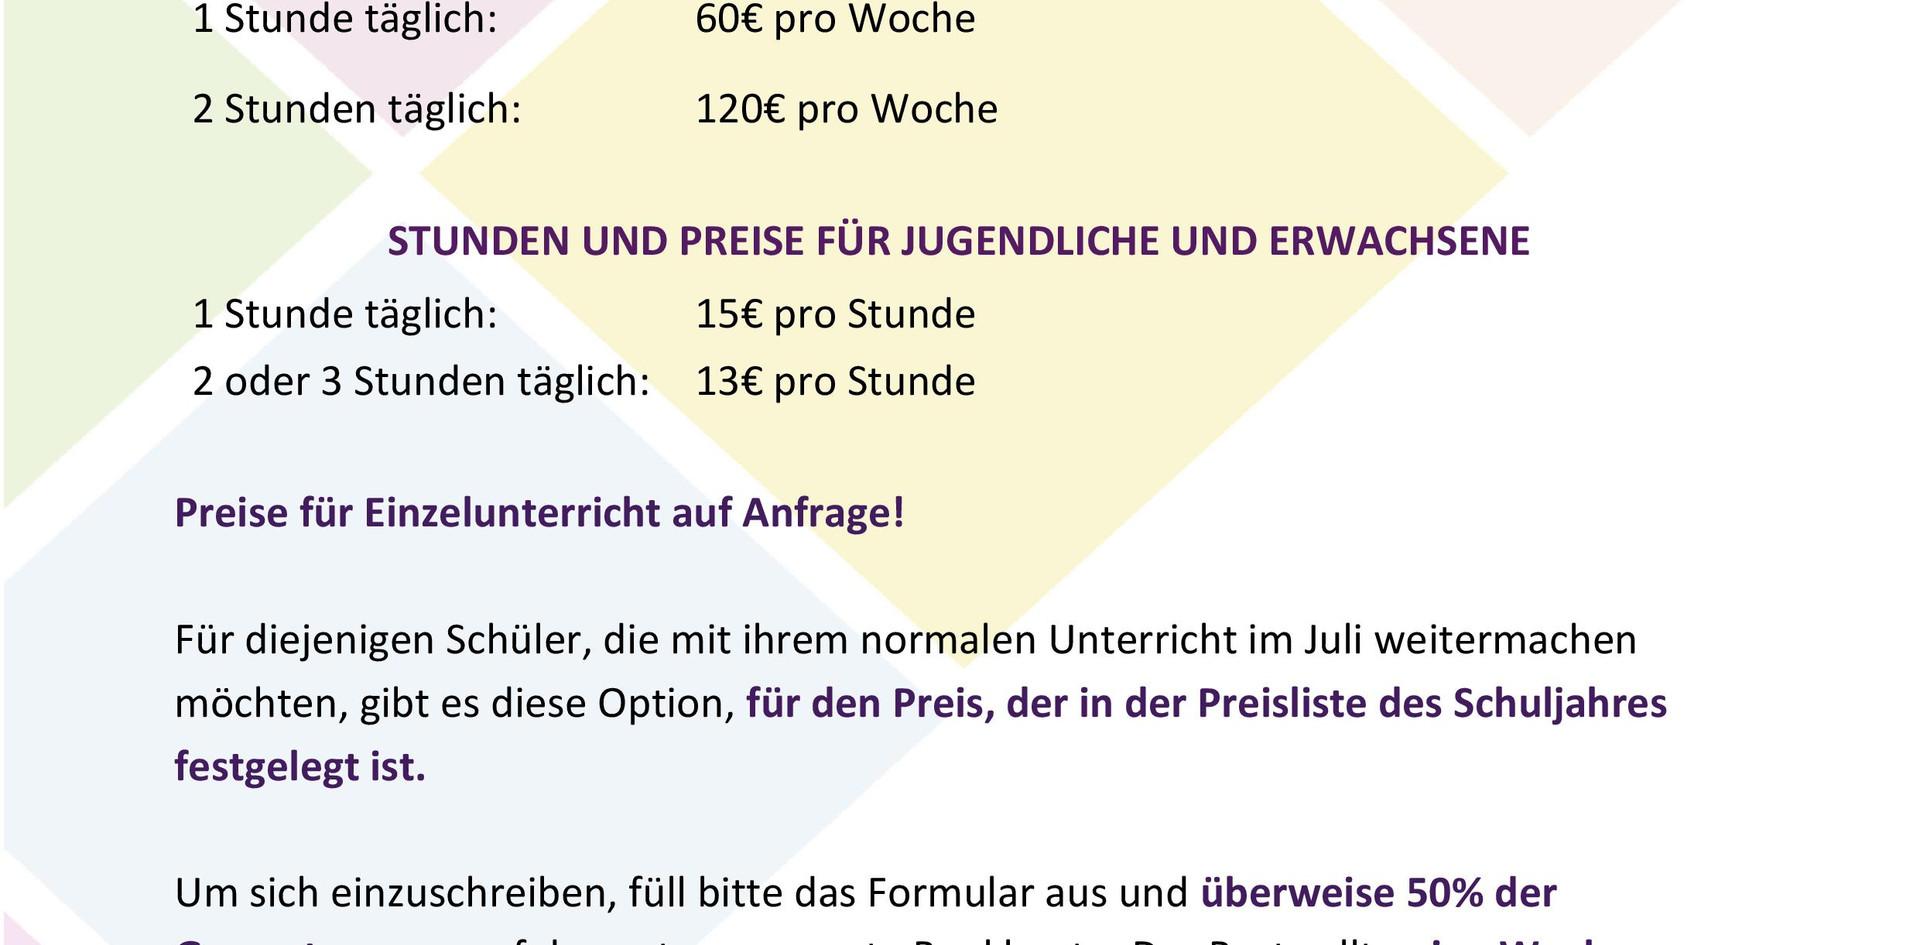 SommerkursSeite2-page-001.jpg